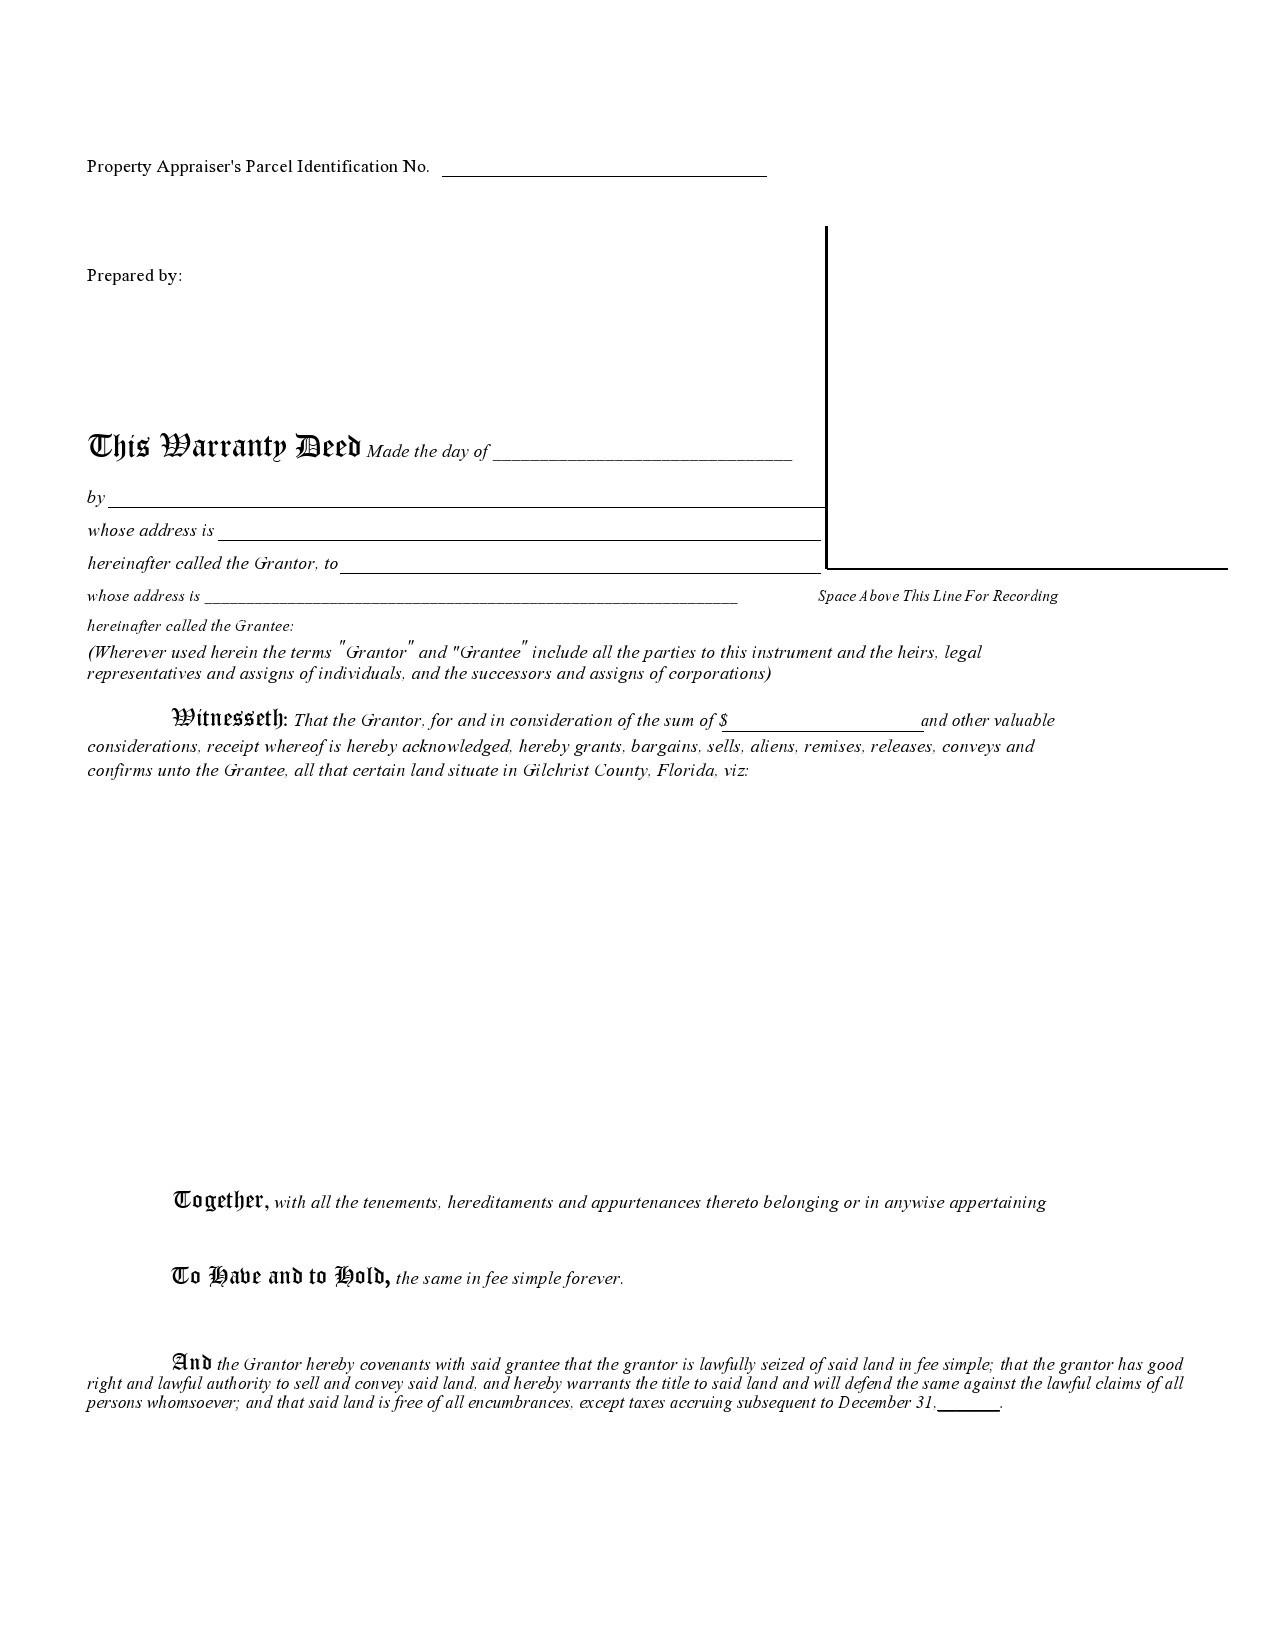 Free warranty deed form 33